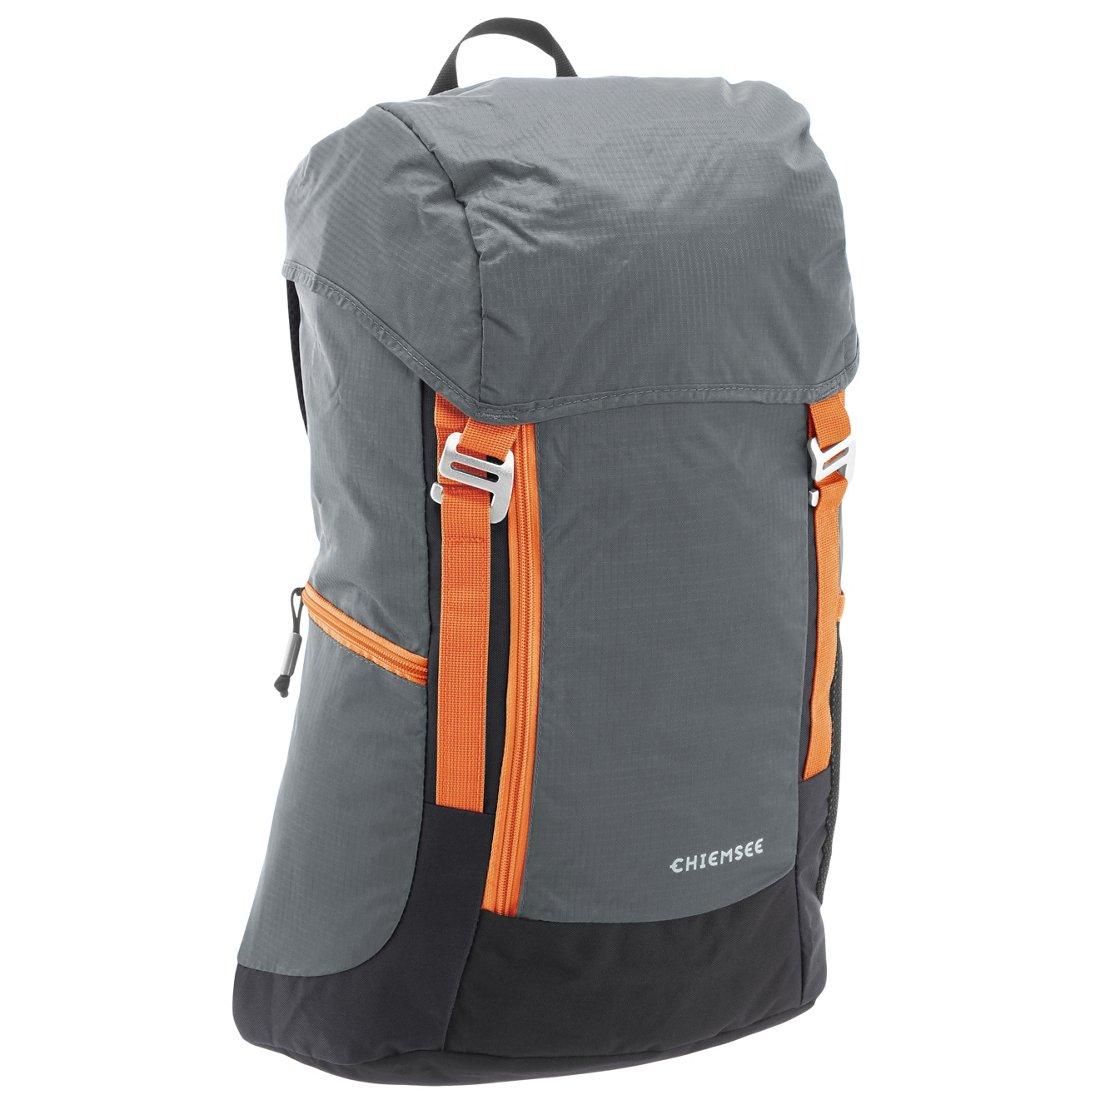 Chiemsee Herkules Schulrucksack Rucksack für Freizeit Sport Reise Farbwahl